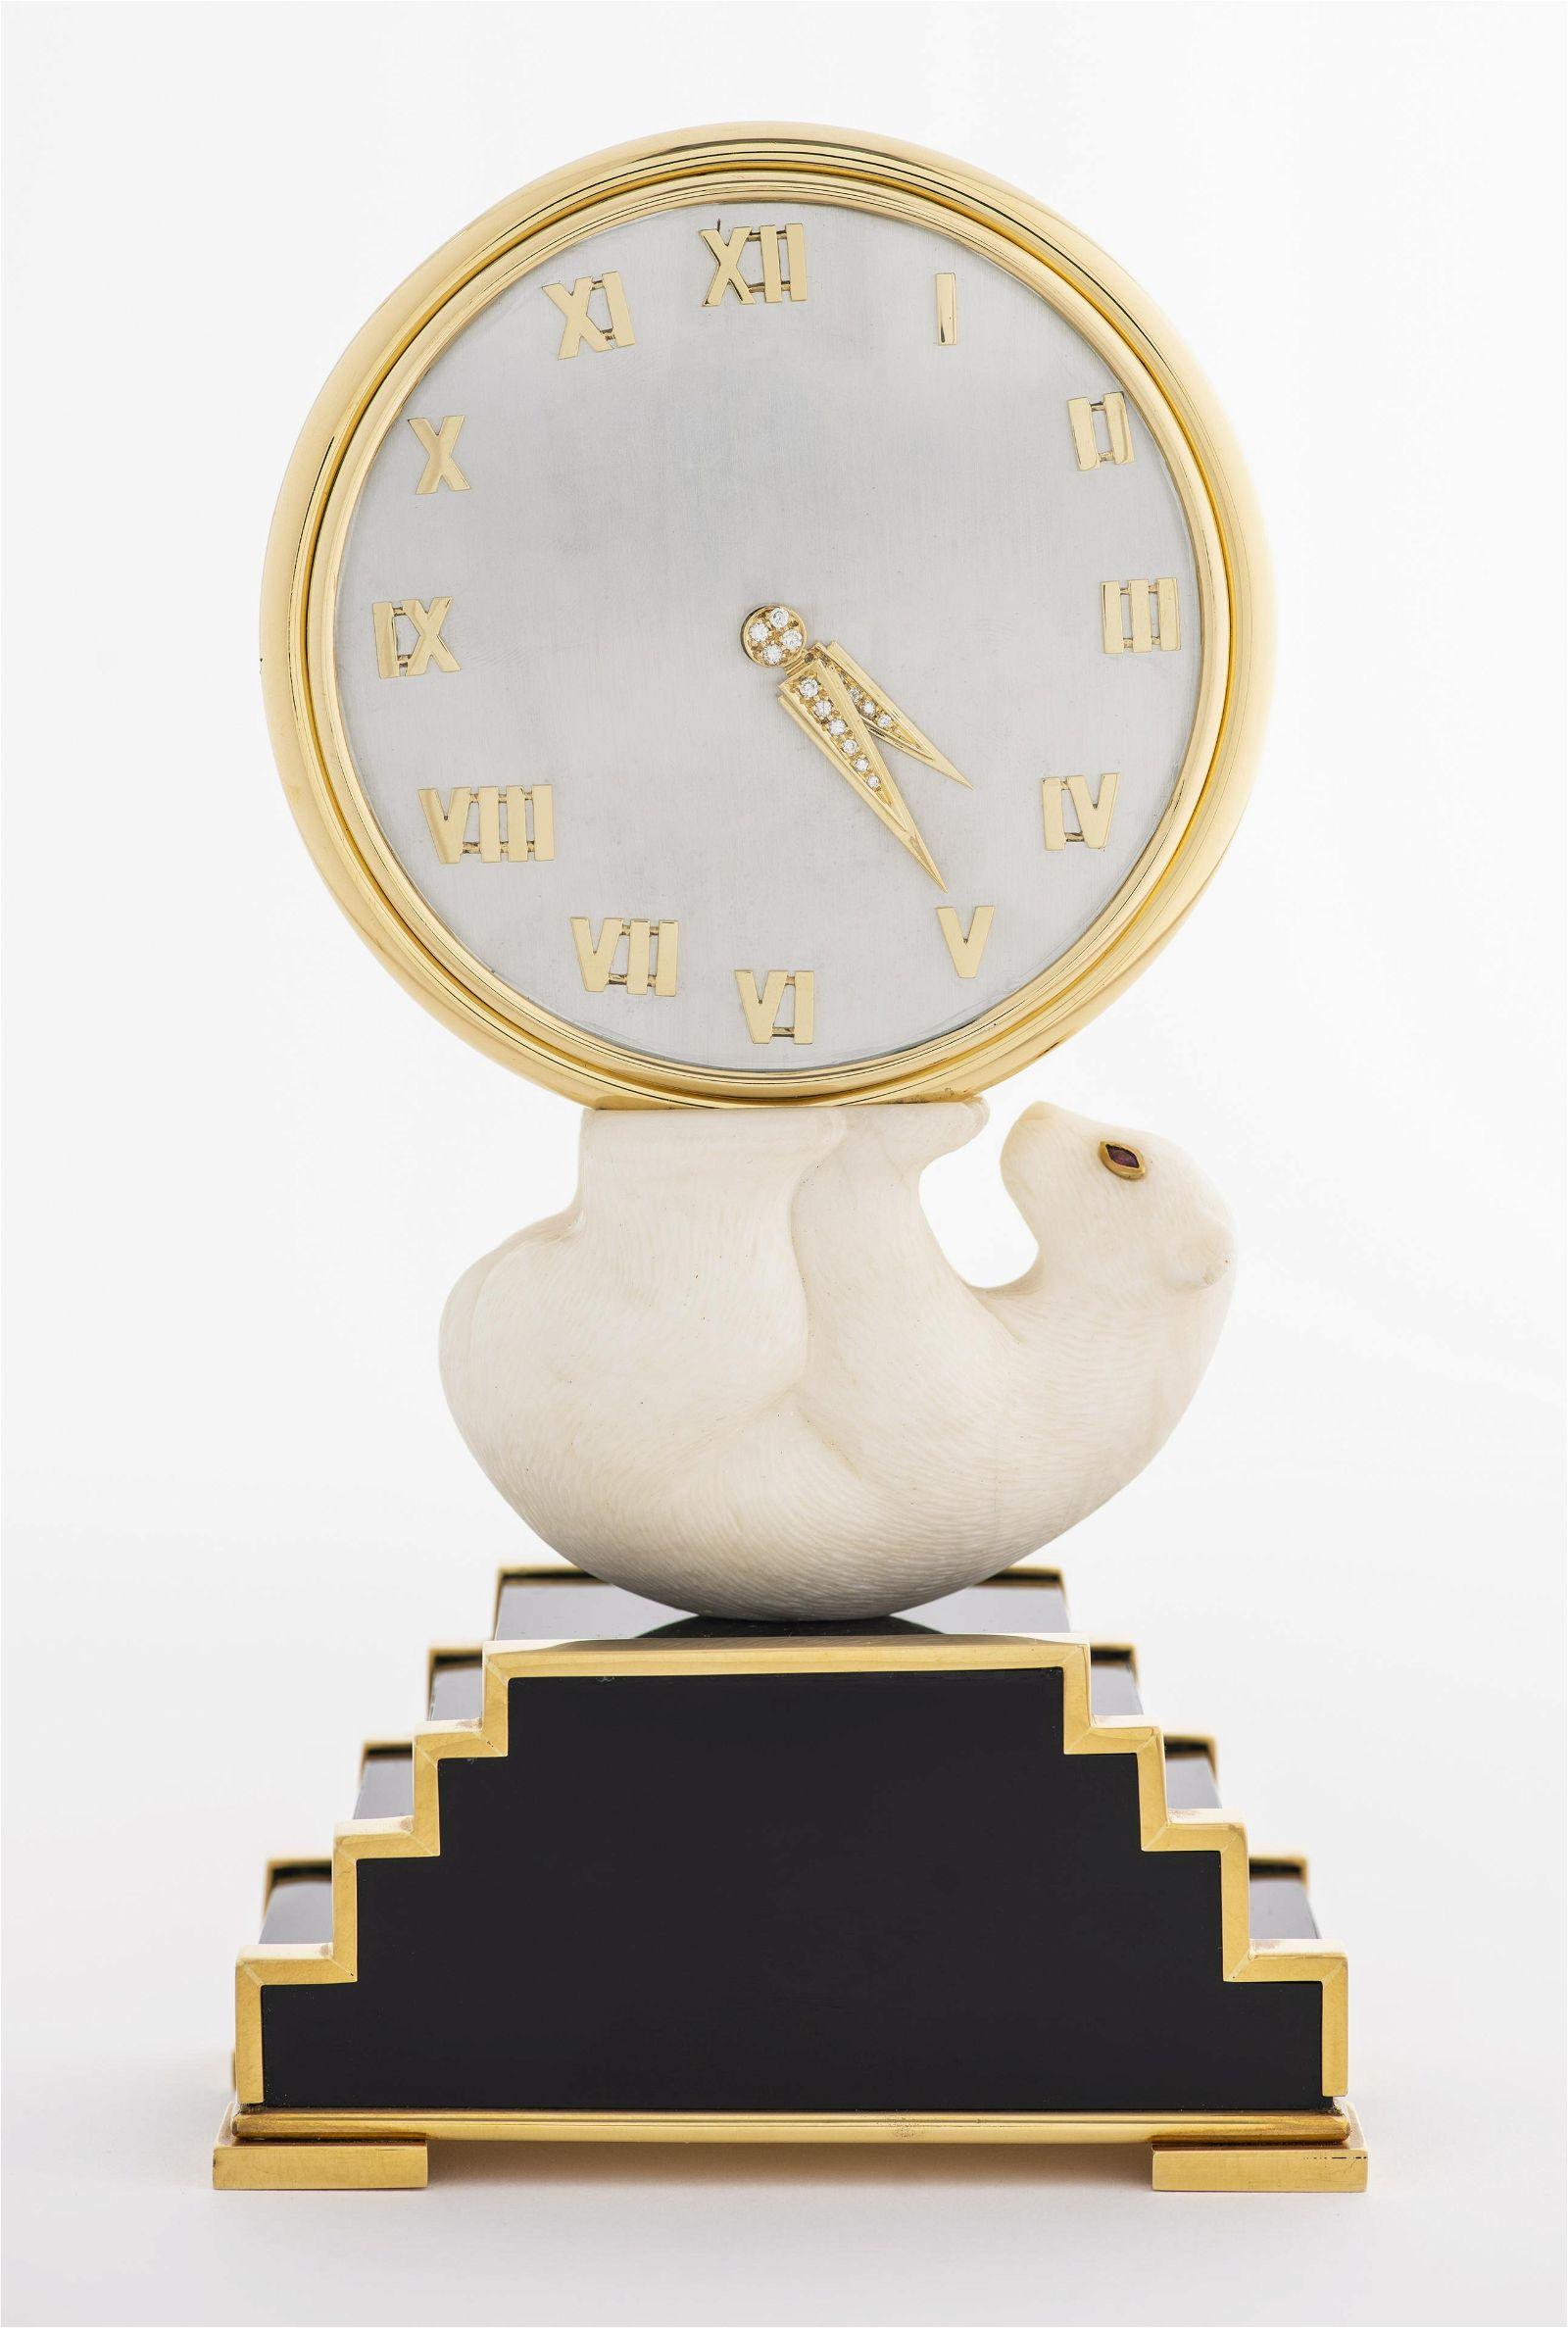 Rare Gem Set Gold Clock, Vacheron Constantin